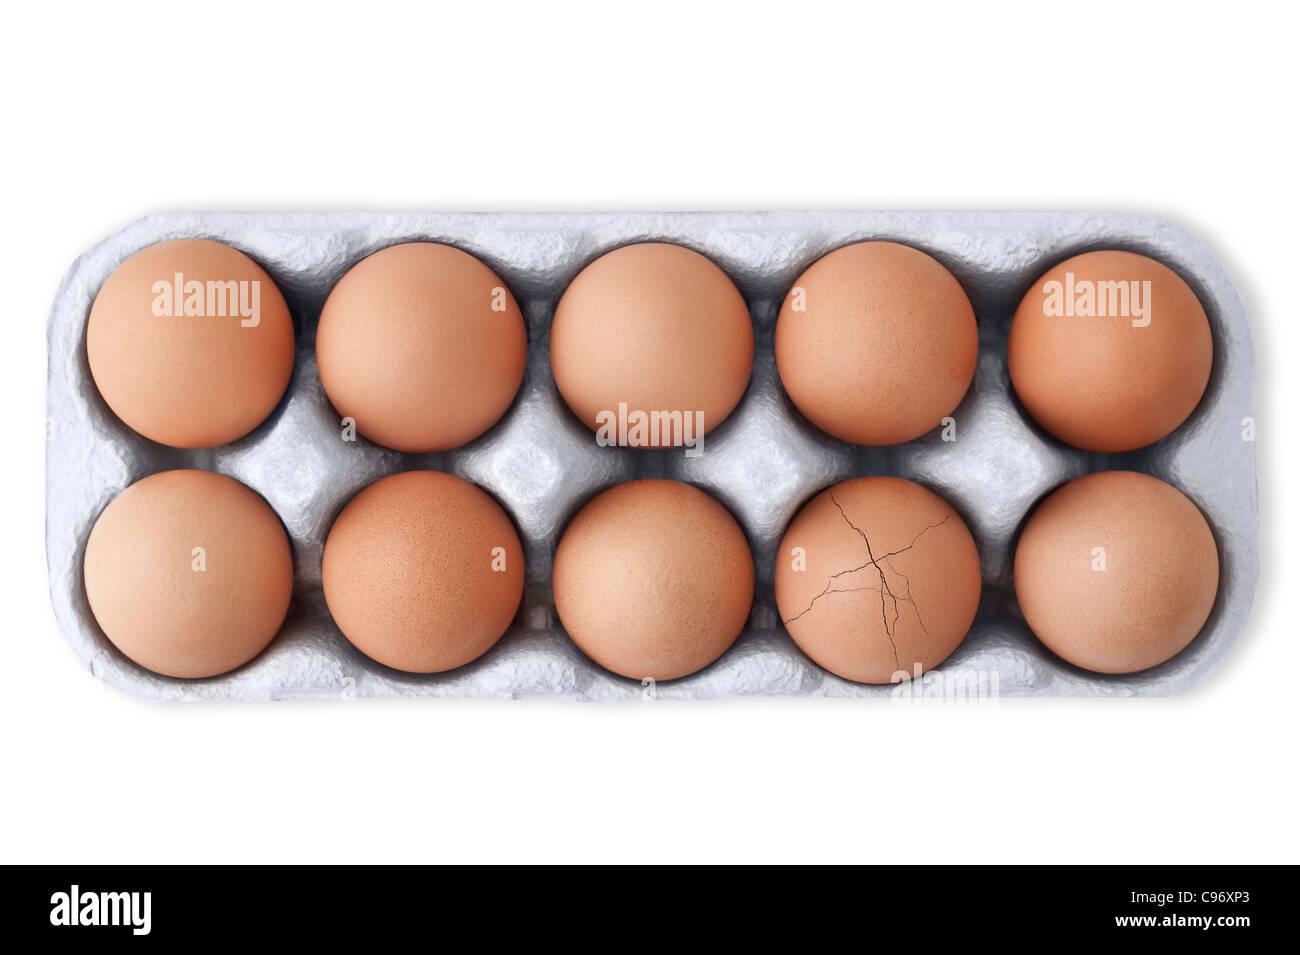 Schachtel mit 10 Eiern mit einem gerissenen Ei auf weißem Hintergrund. Ausschnitt Stockfoto